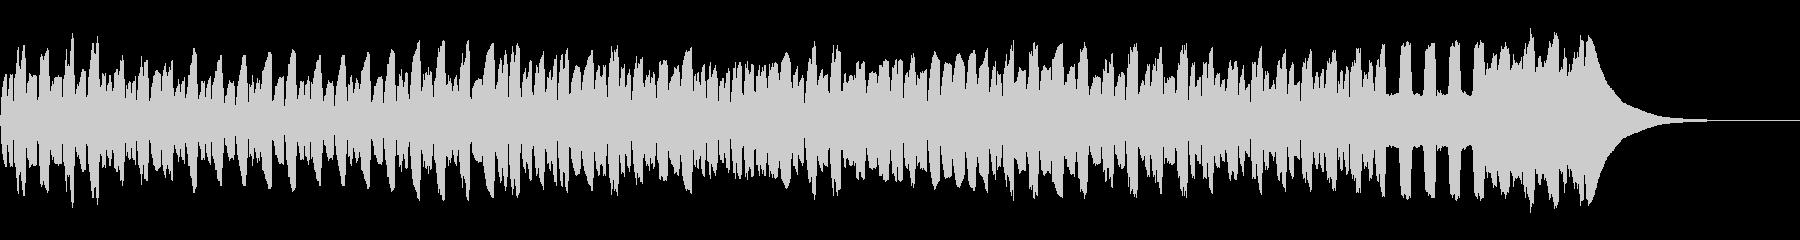 宅急便のCM/リコーダーの未再生の波形